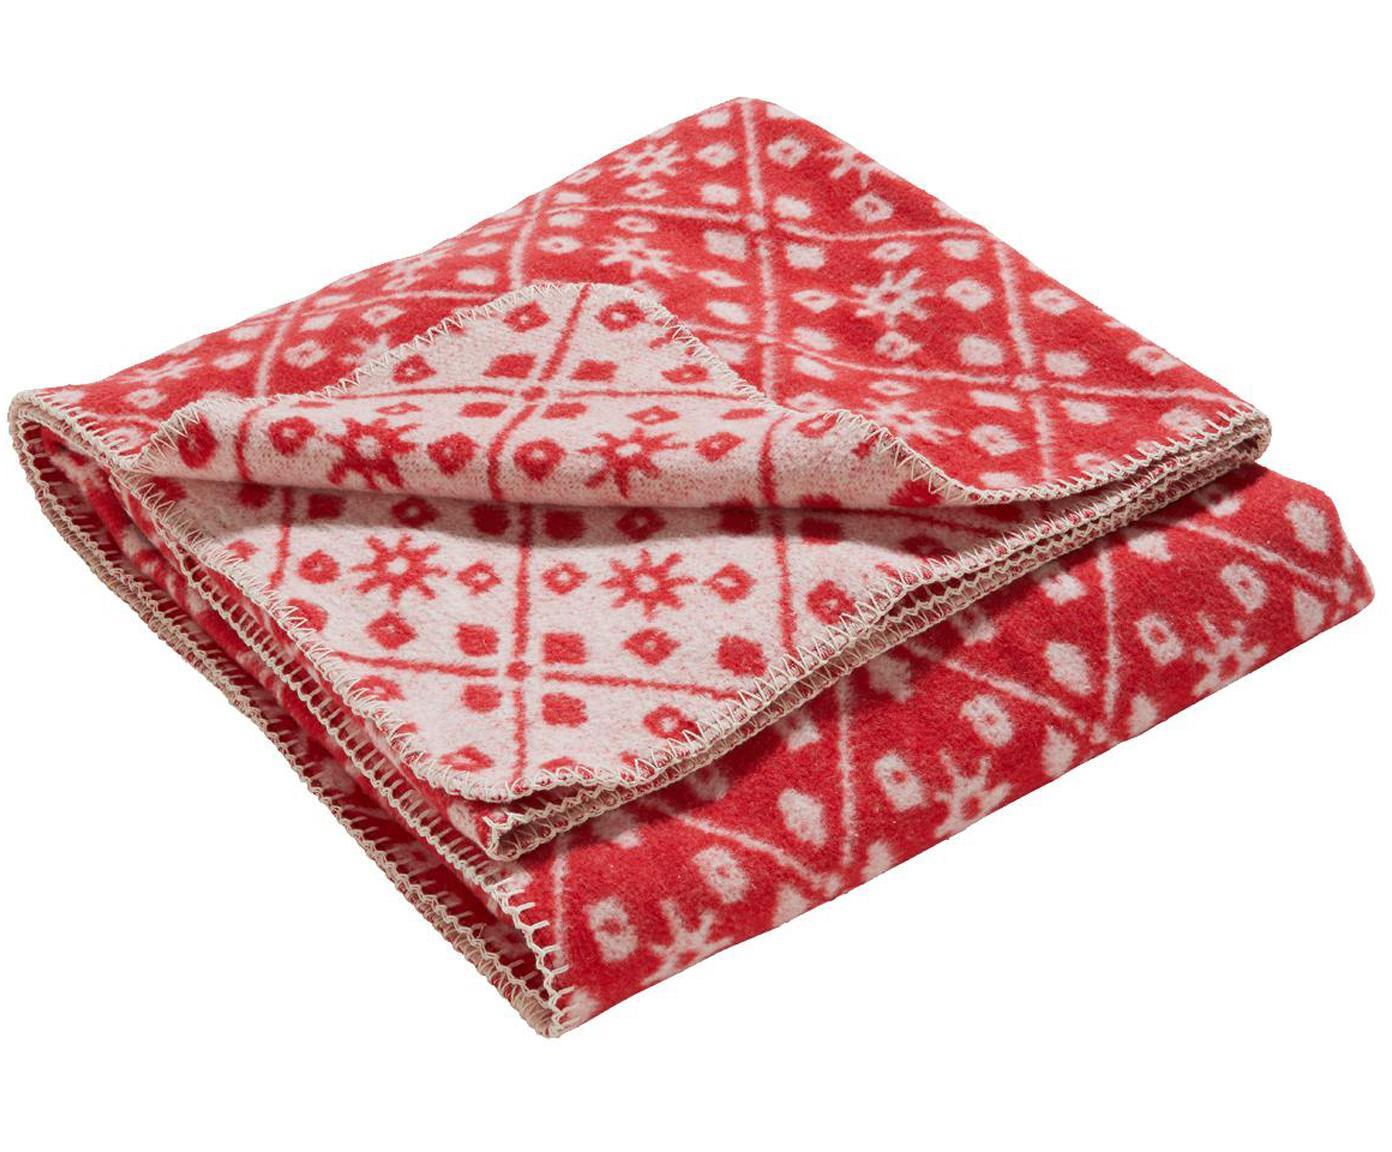 Dubbelzijdige plaid Brann, 80% katoen, 15% polyester, 5% andere vezels, Rood, gebroken wit, 125 x 170 cm